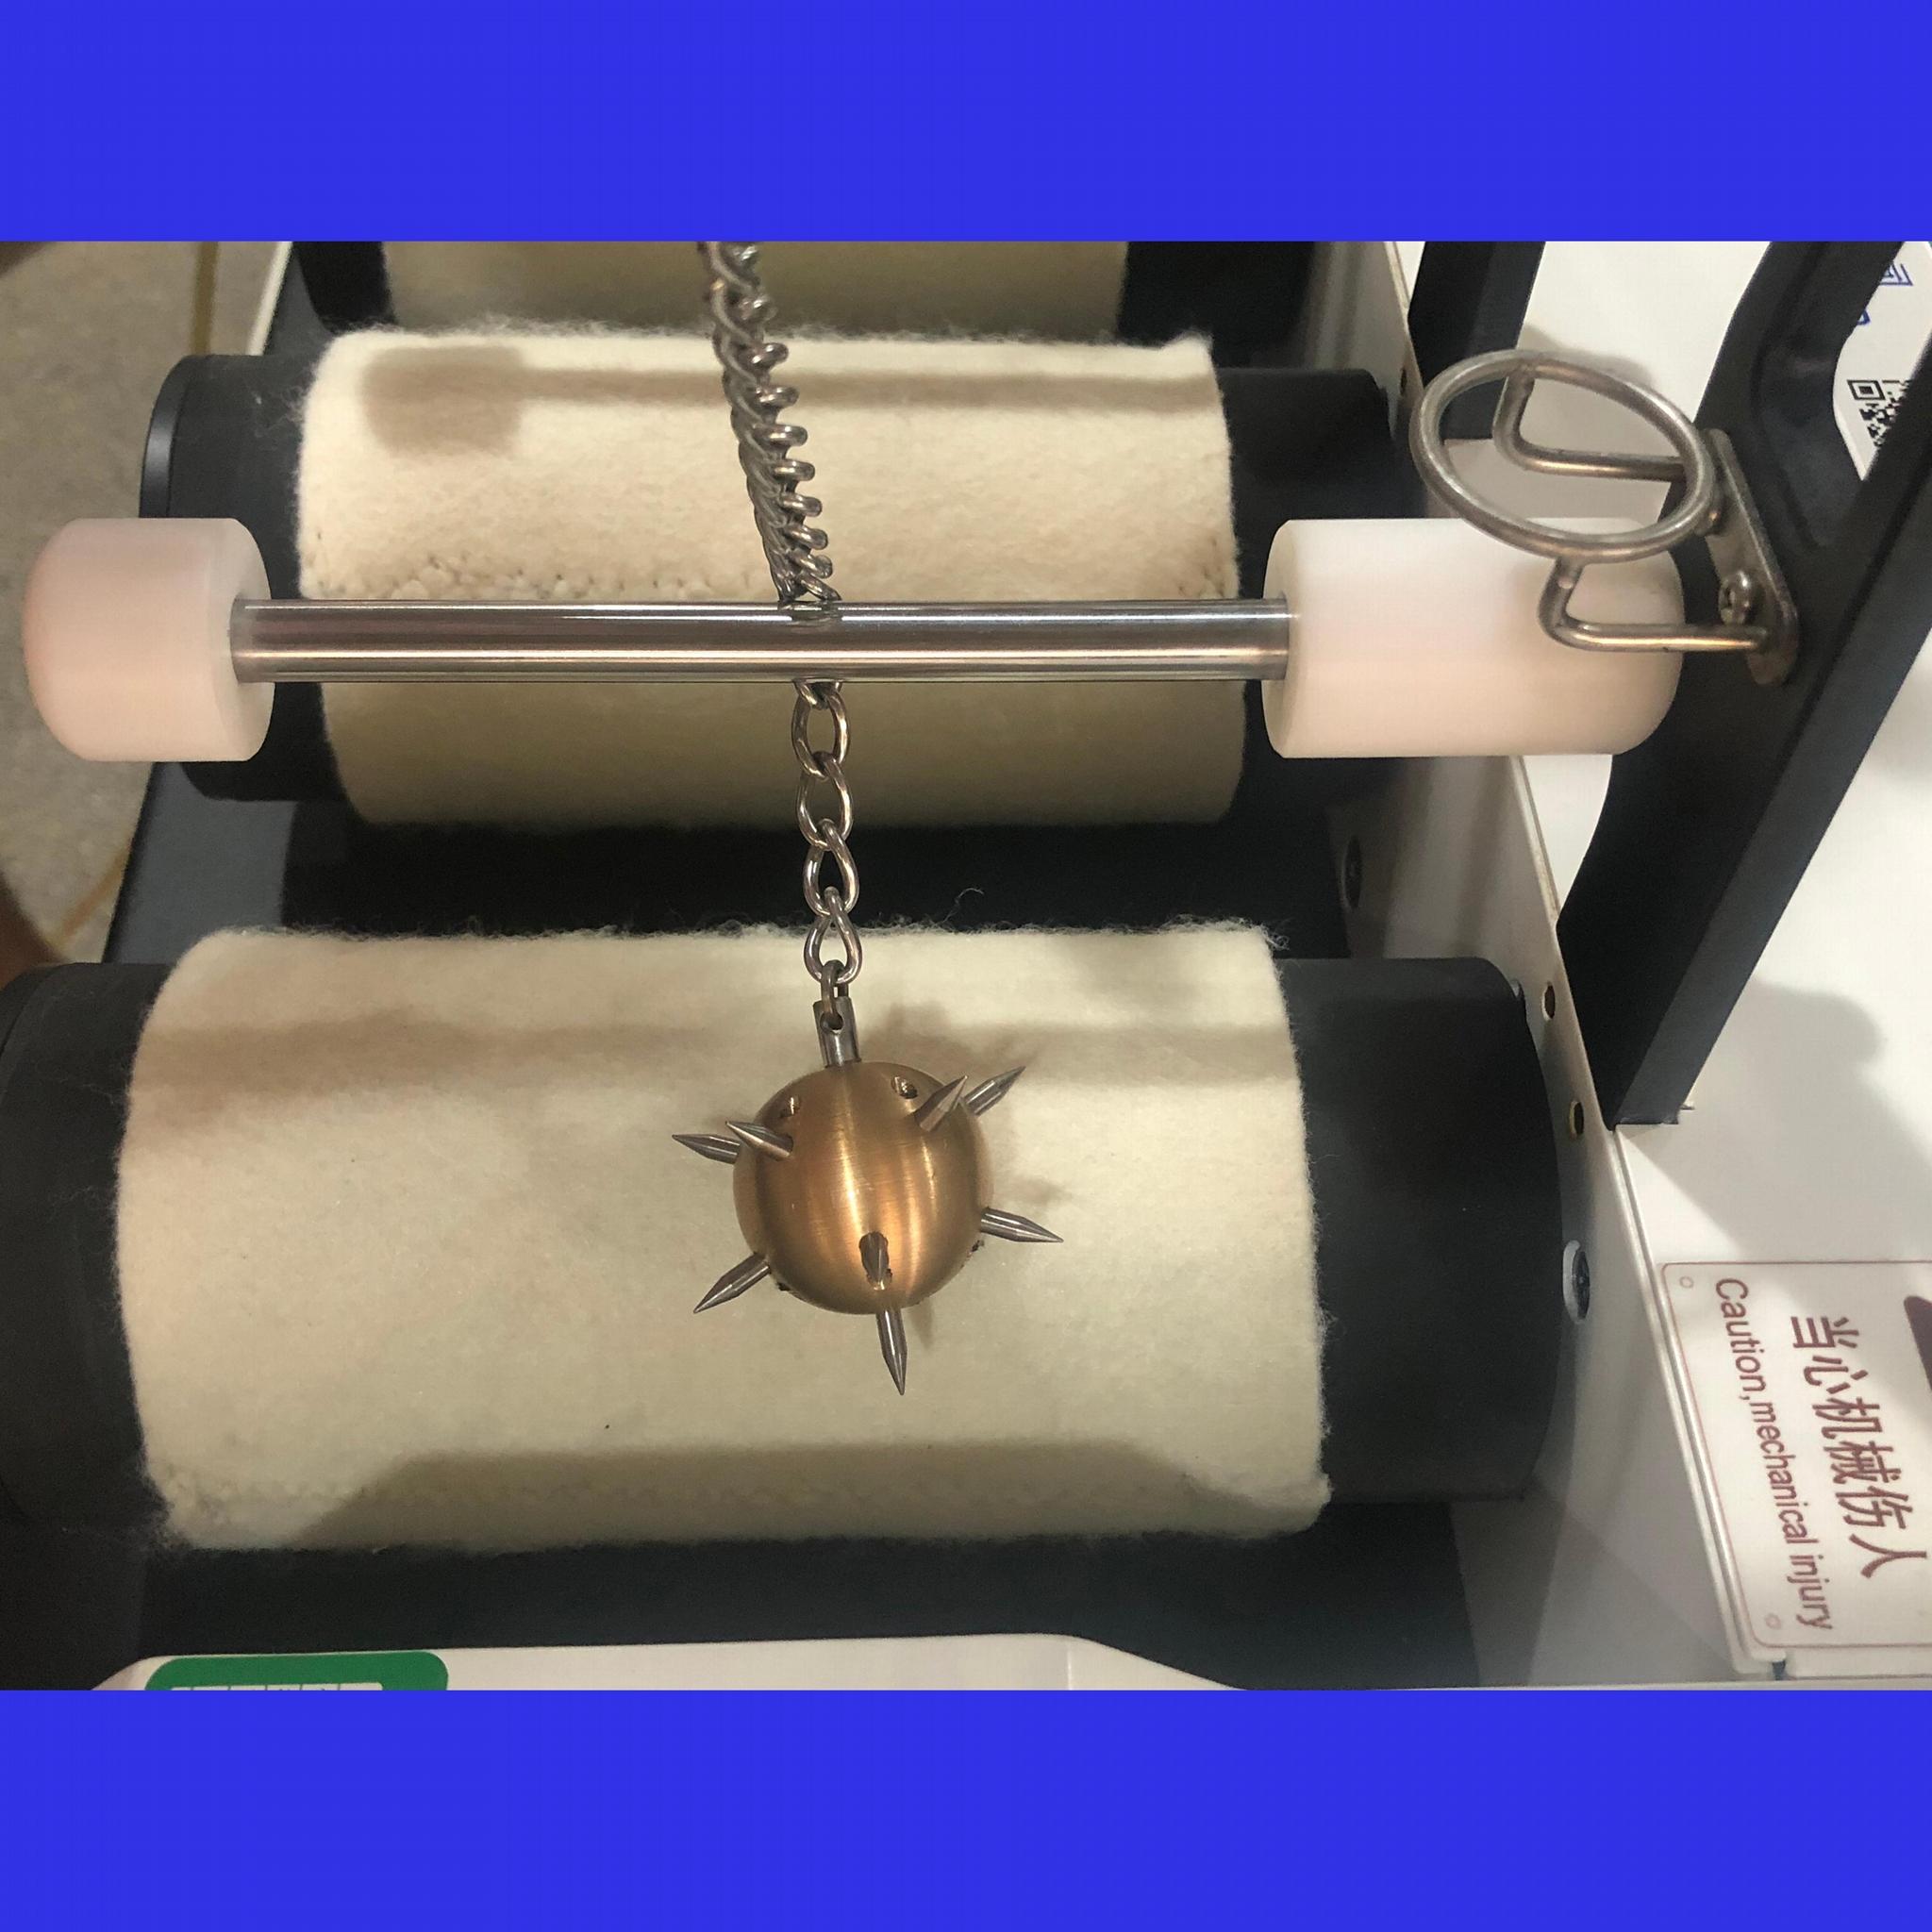 ICI织物勾丝性能测试仪,钉锤勾丝仪,抗钉锤钩丝试验机 3